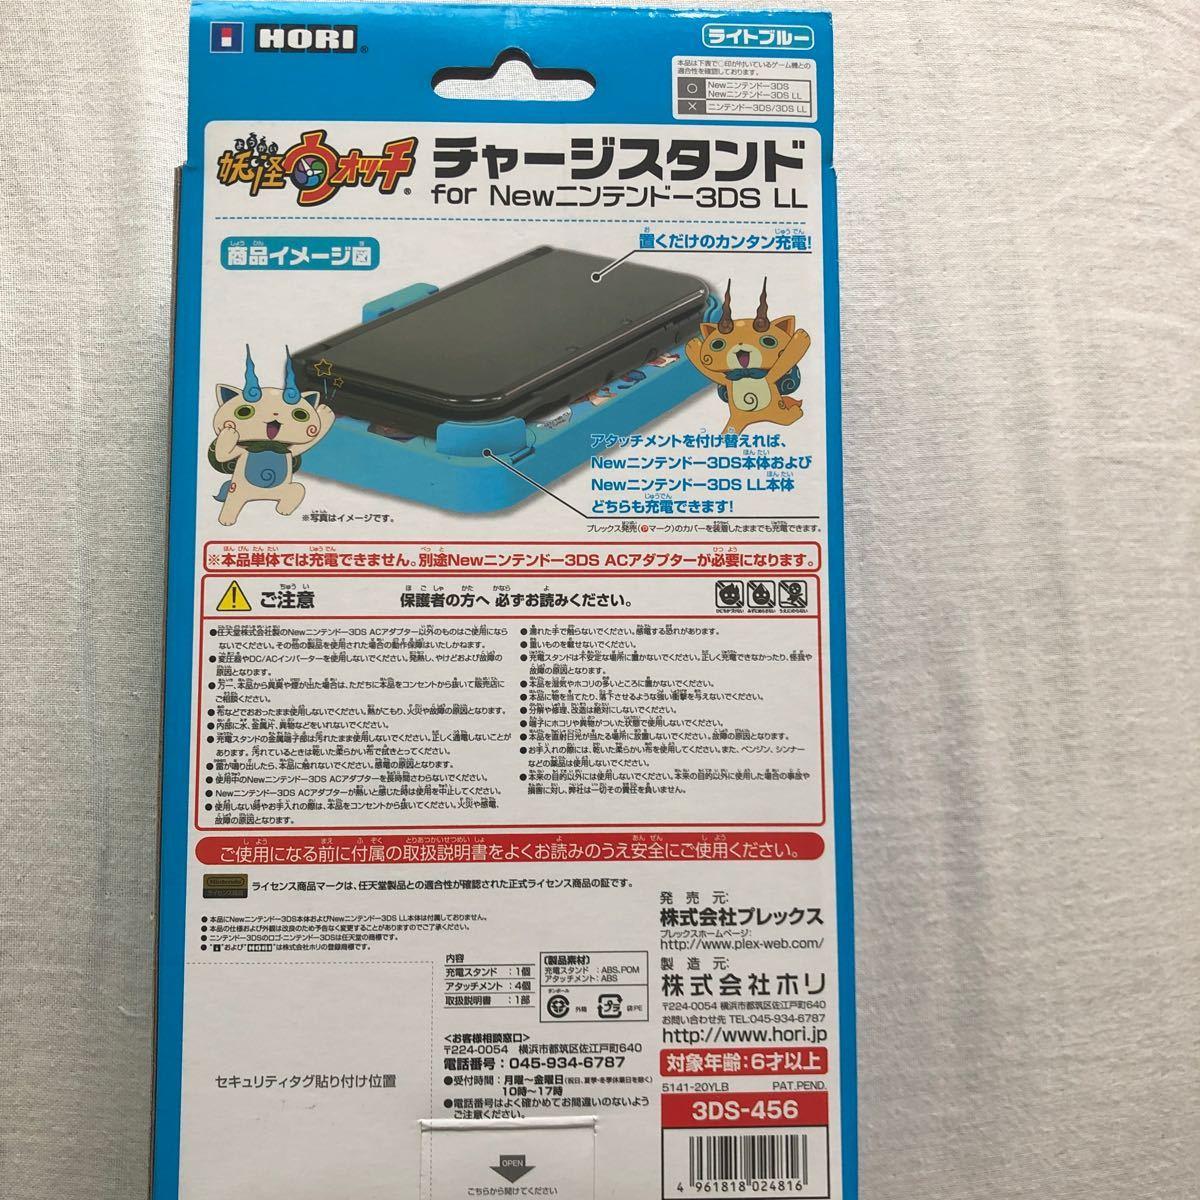 ニンテンドー 3DS LL チャージスタンド 妖怪ウォッチ ライトブルー